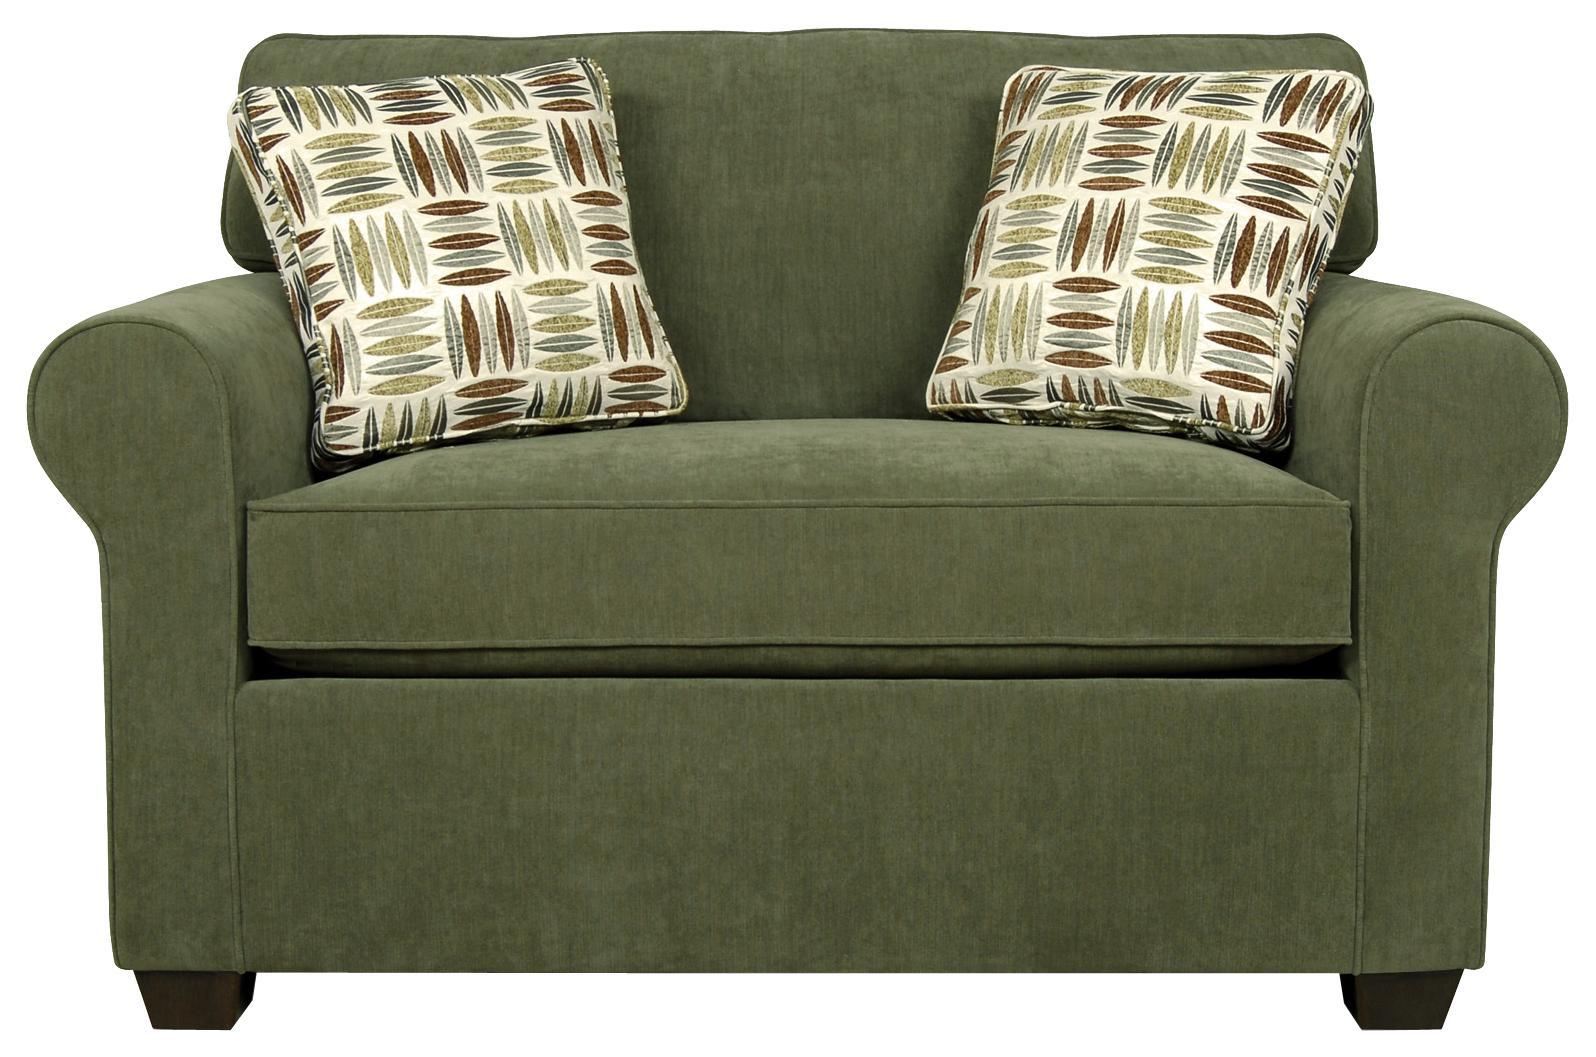 twin size sleeper sofa | homesfeed - Twin Size Sleeper Sofa – Sofa Idea